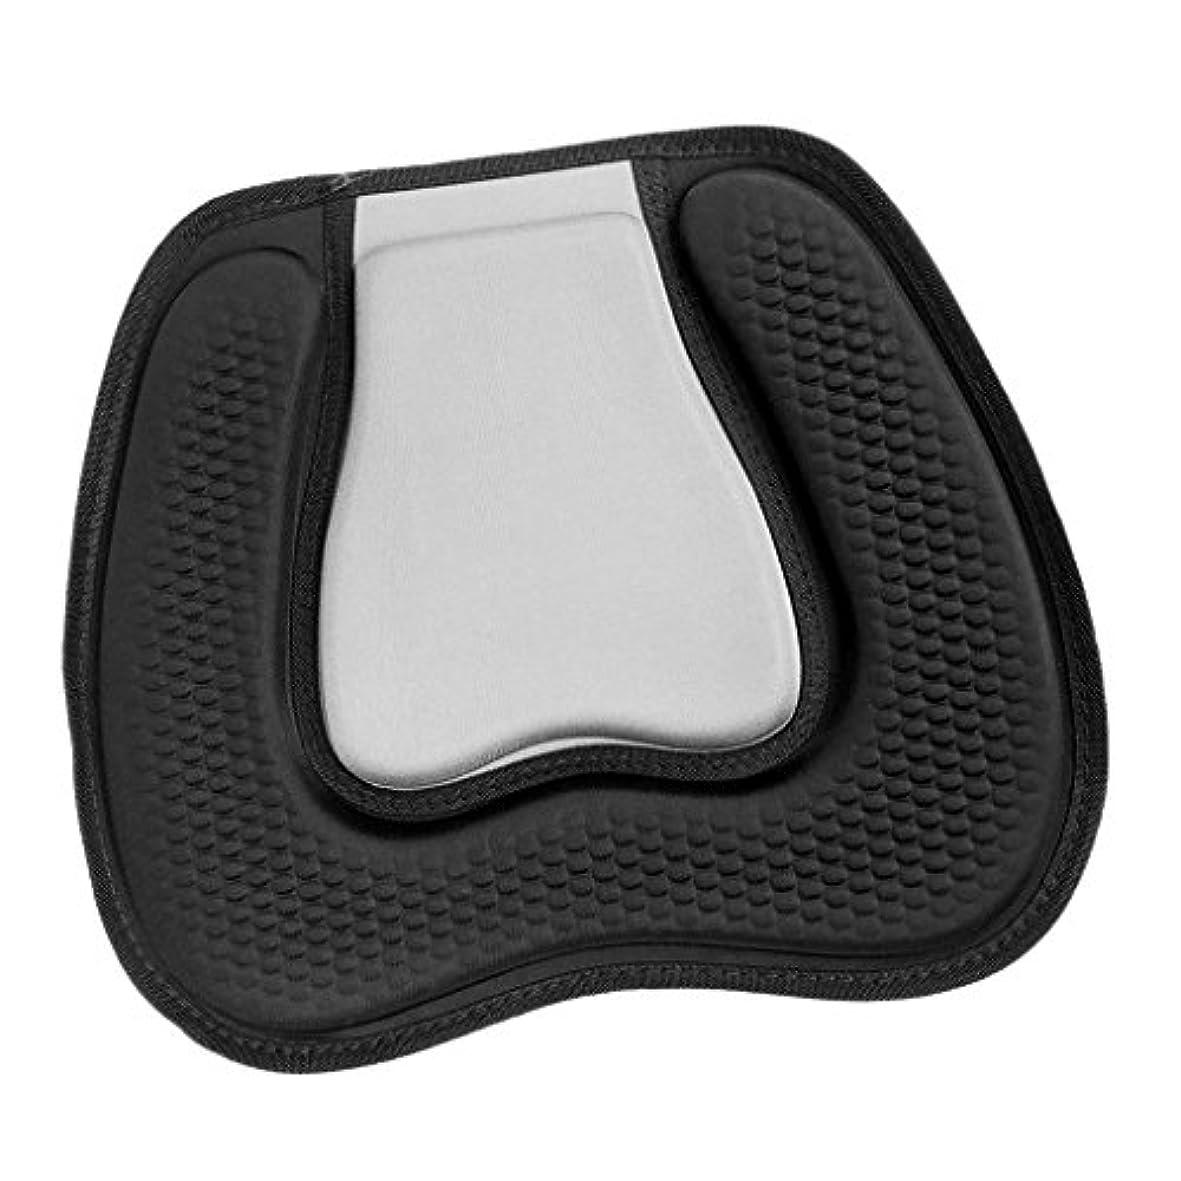 計算するパッチ服を片付けるSunniMix 快適 ノンスリップ EVA フォーム パット シートクッション カヤック ボート アクセサリー 全2サイズ